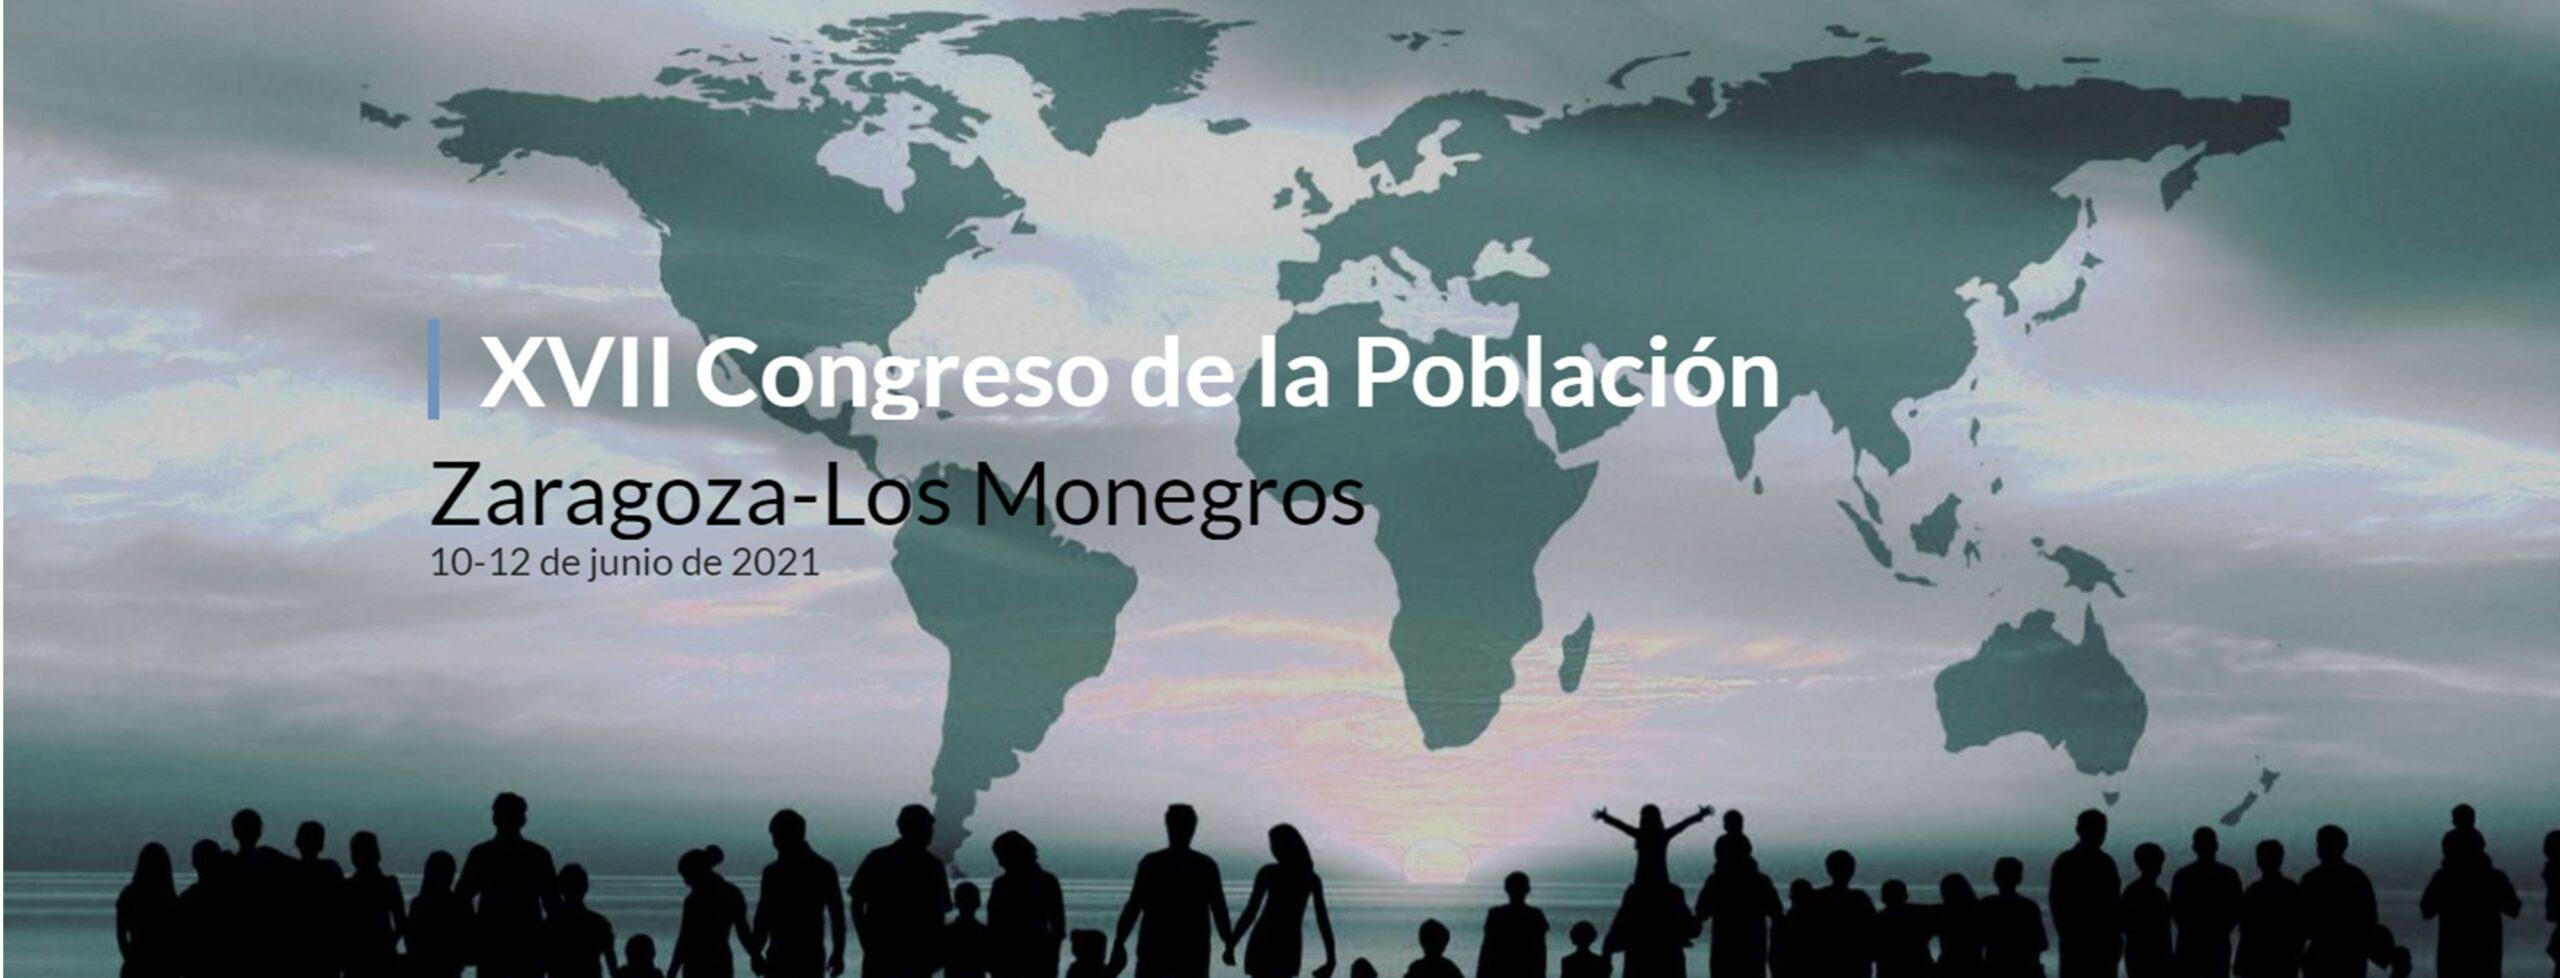 XVII Congreso de la Población